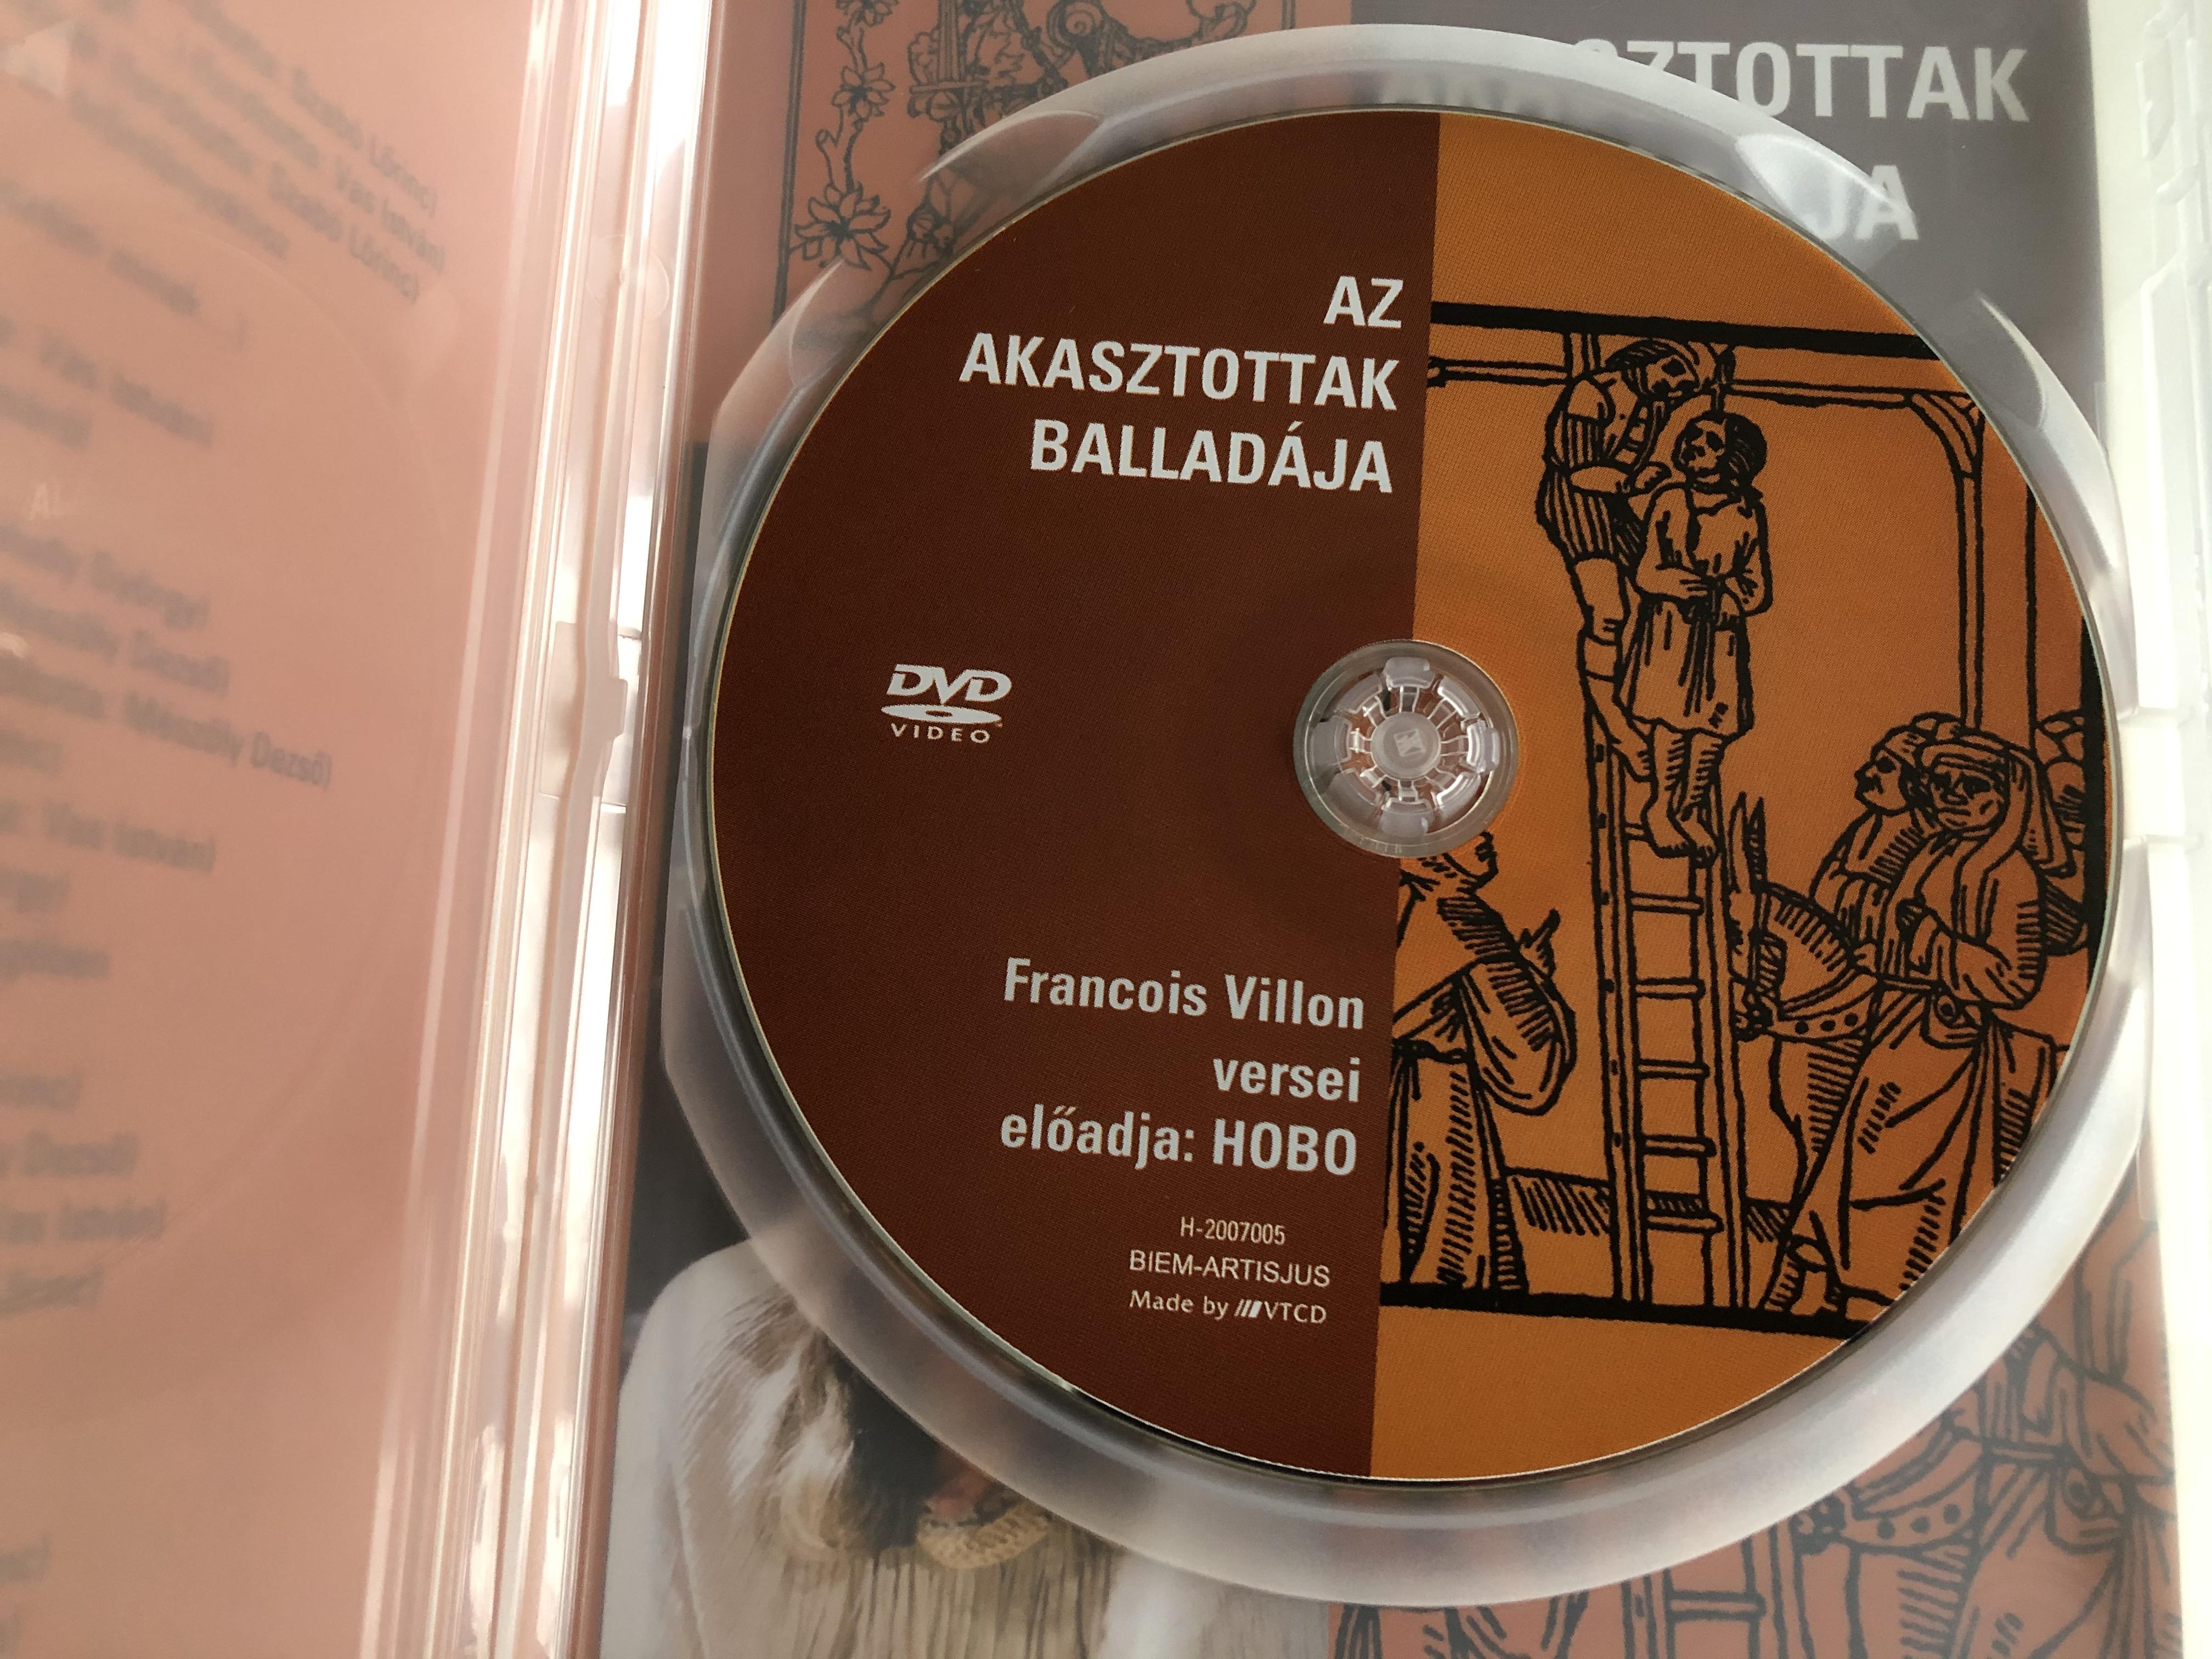 az-akasztottak-ballad-ja-dvd-2006-francois-villon-versei-2-.jpg